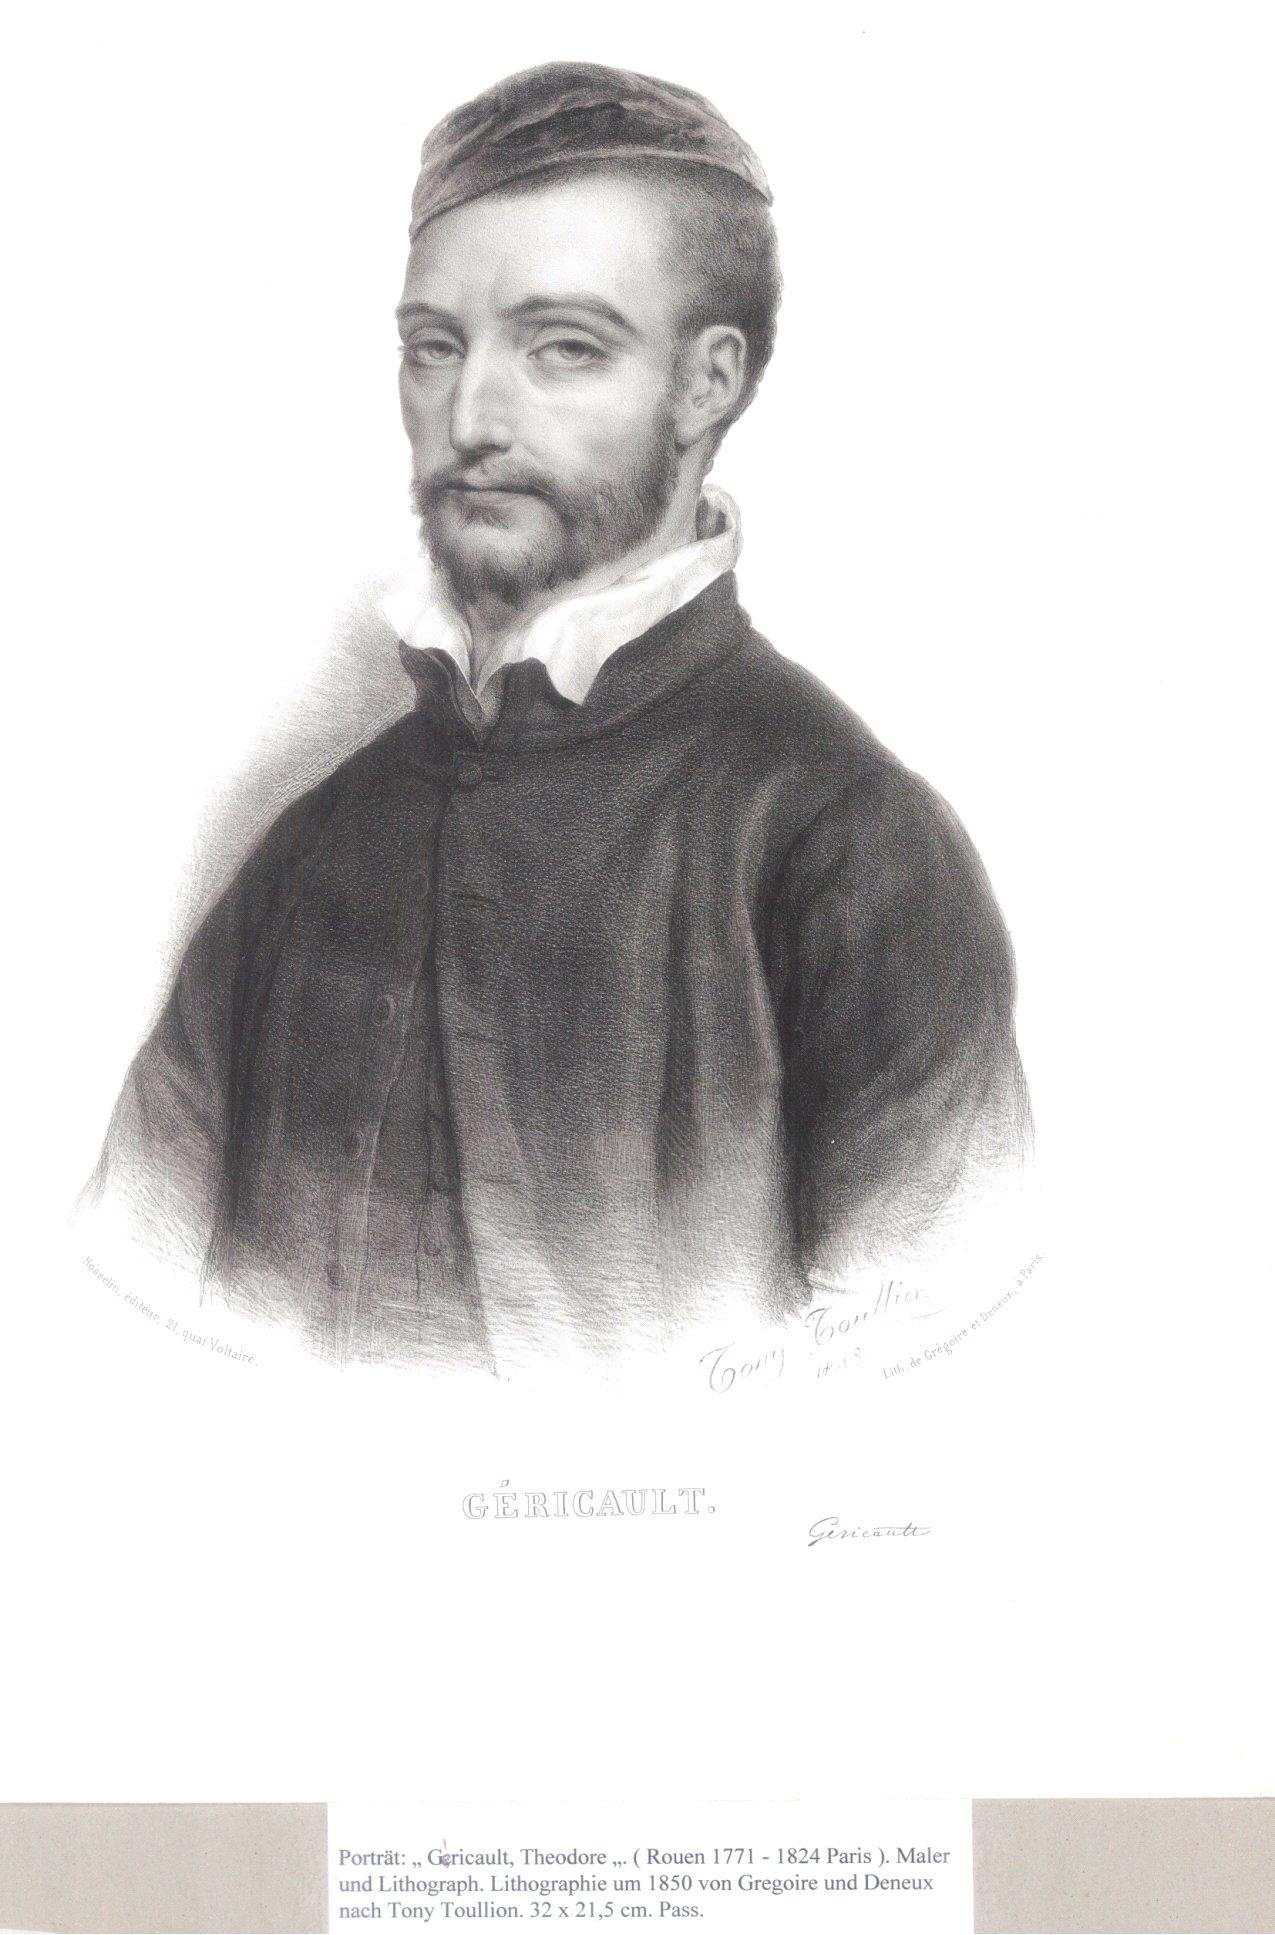 Lithographie um 1850